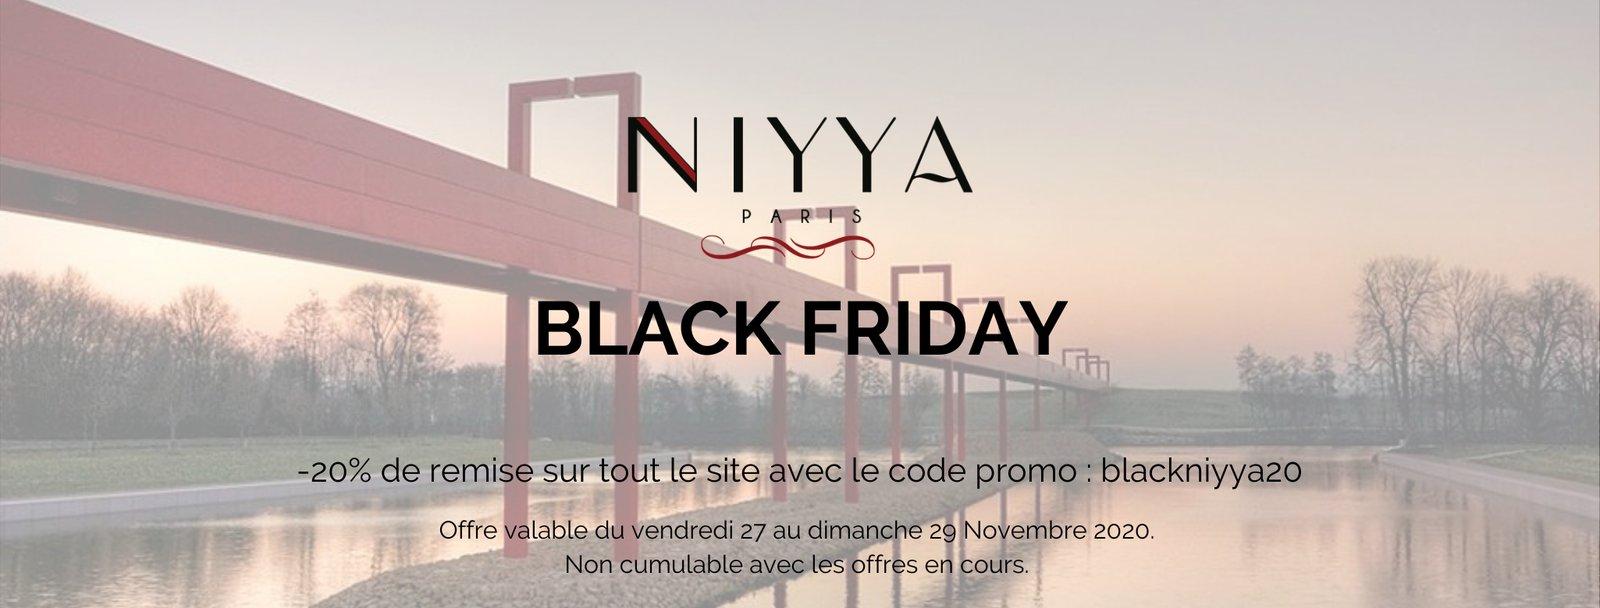 Nouveautés Niyya